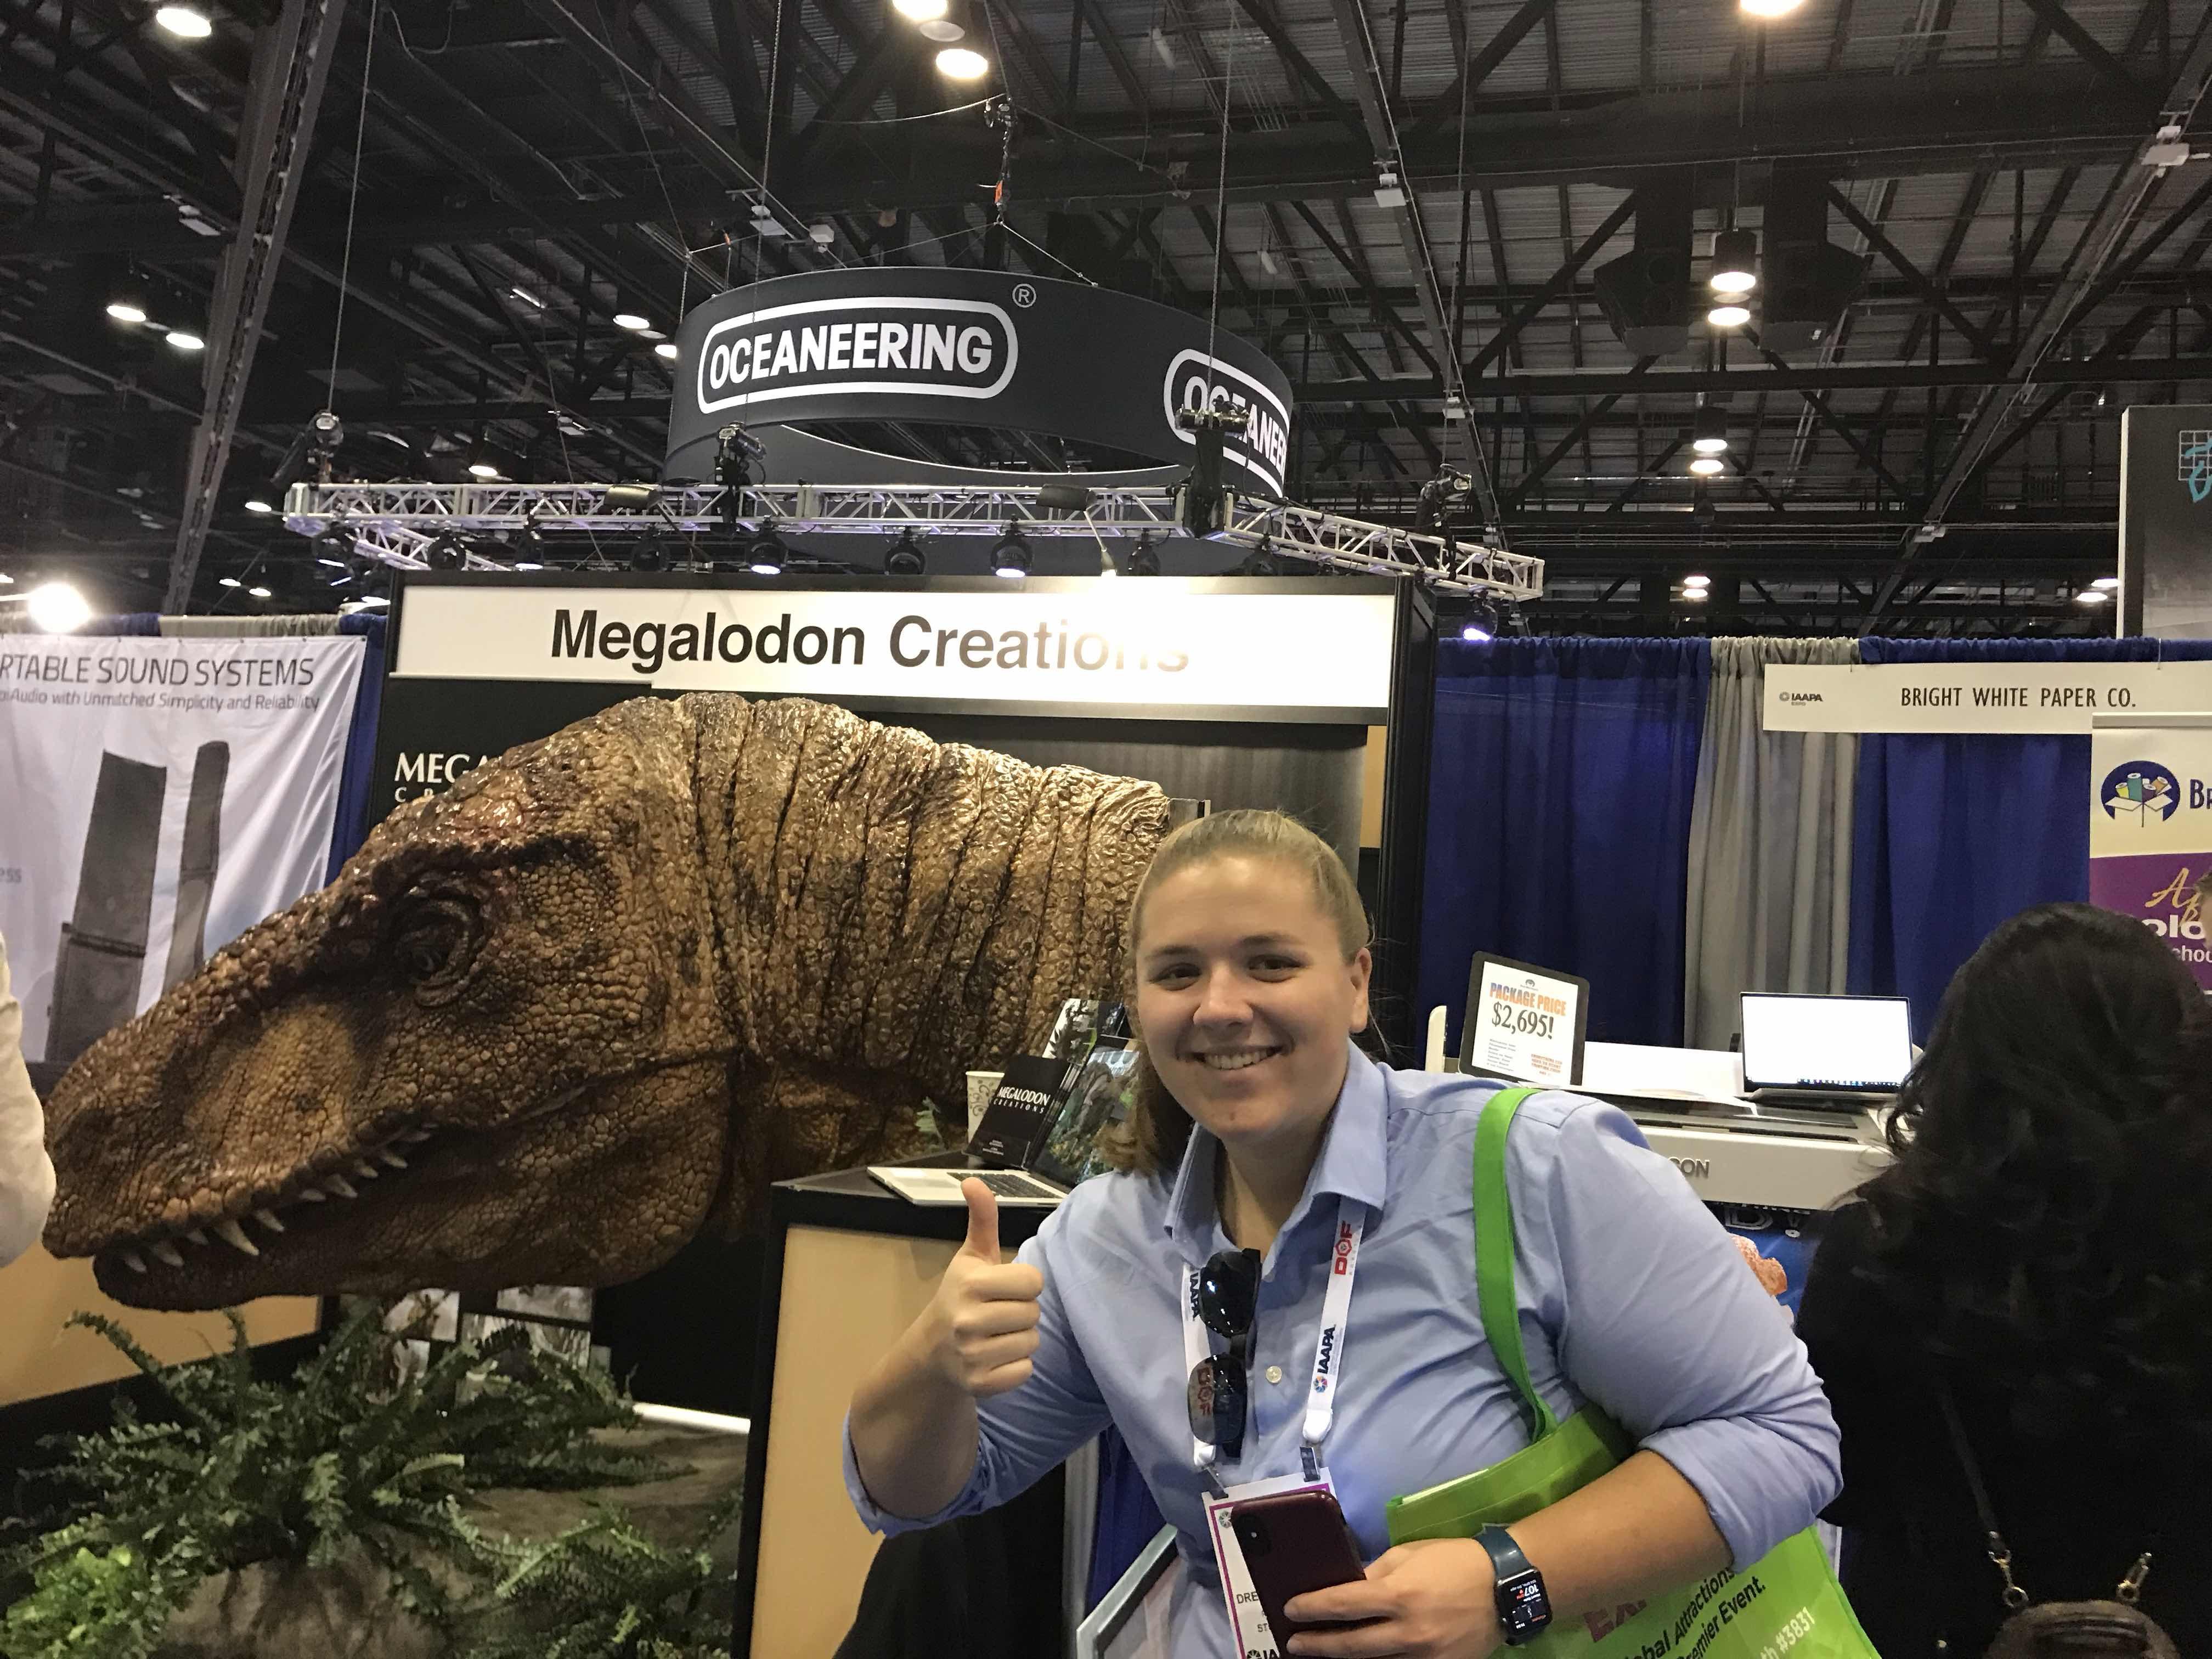 Animatronic Dinosaur at IAAPA 2019